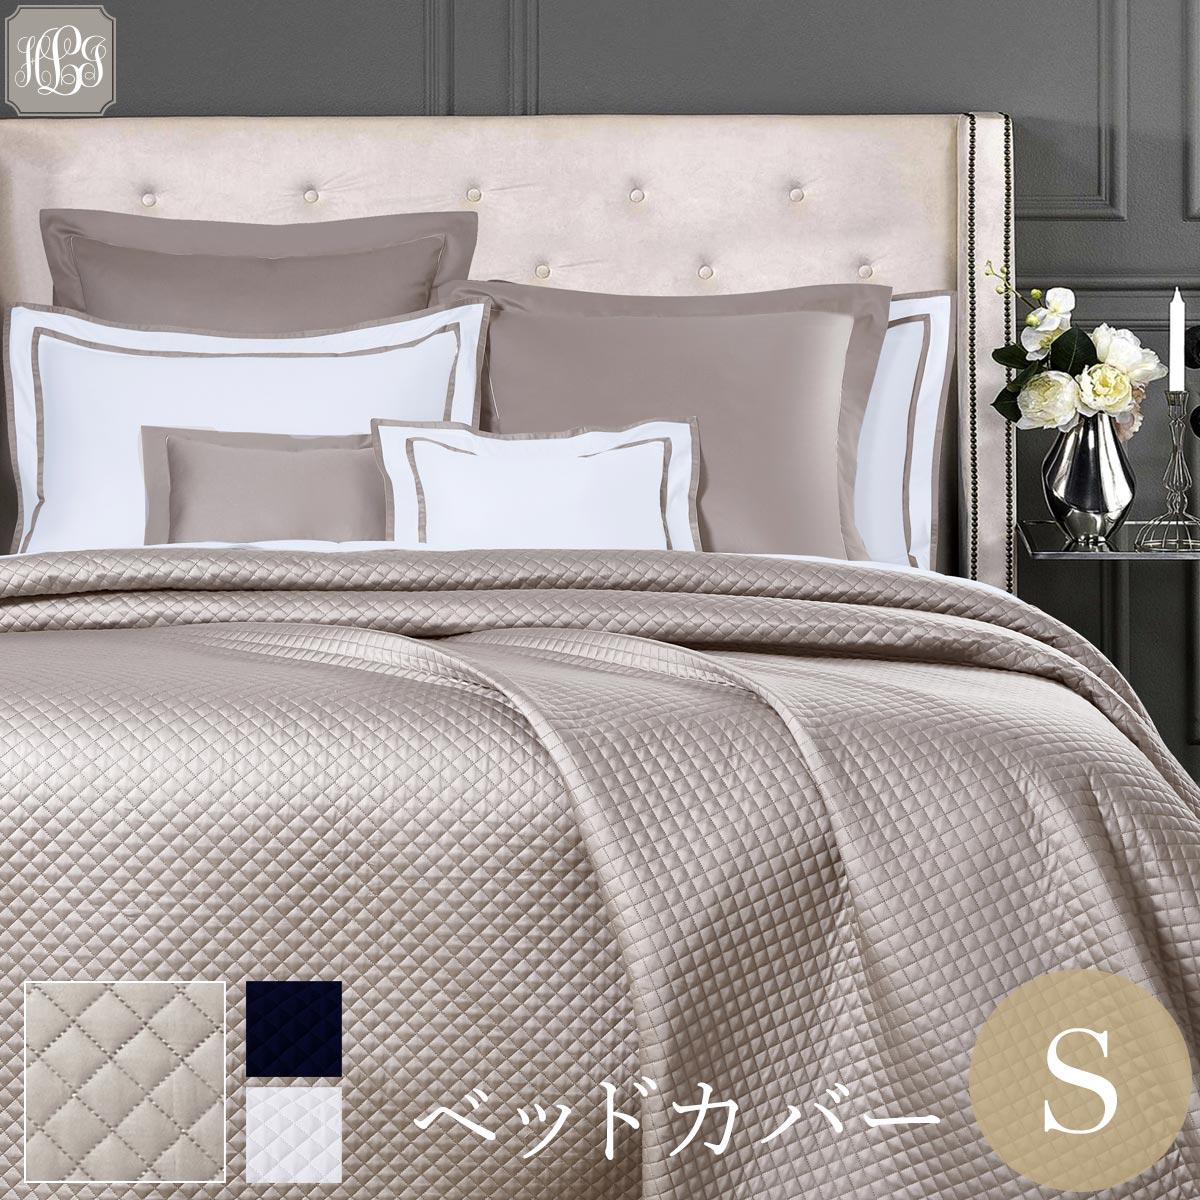 ベッドカバー | シングル | 180x230cm | ダイヤモンドキルト(ひし形) 送料無料